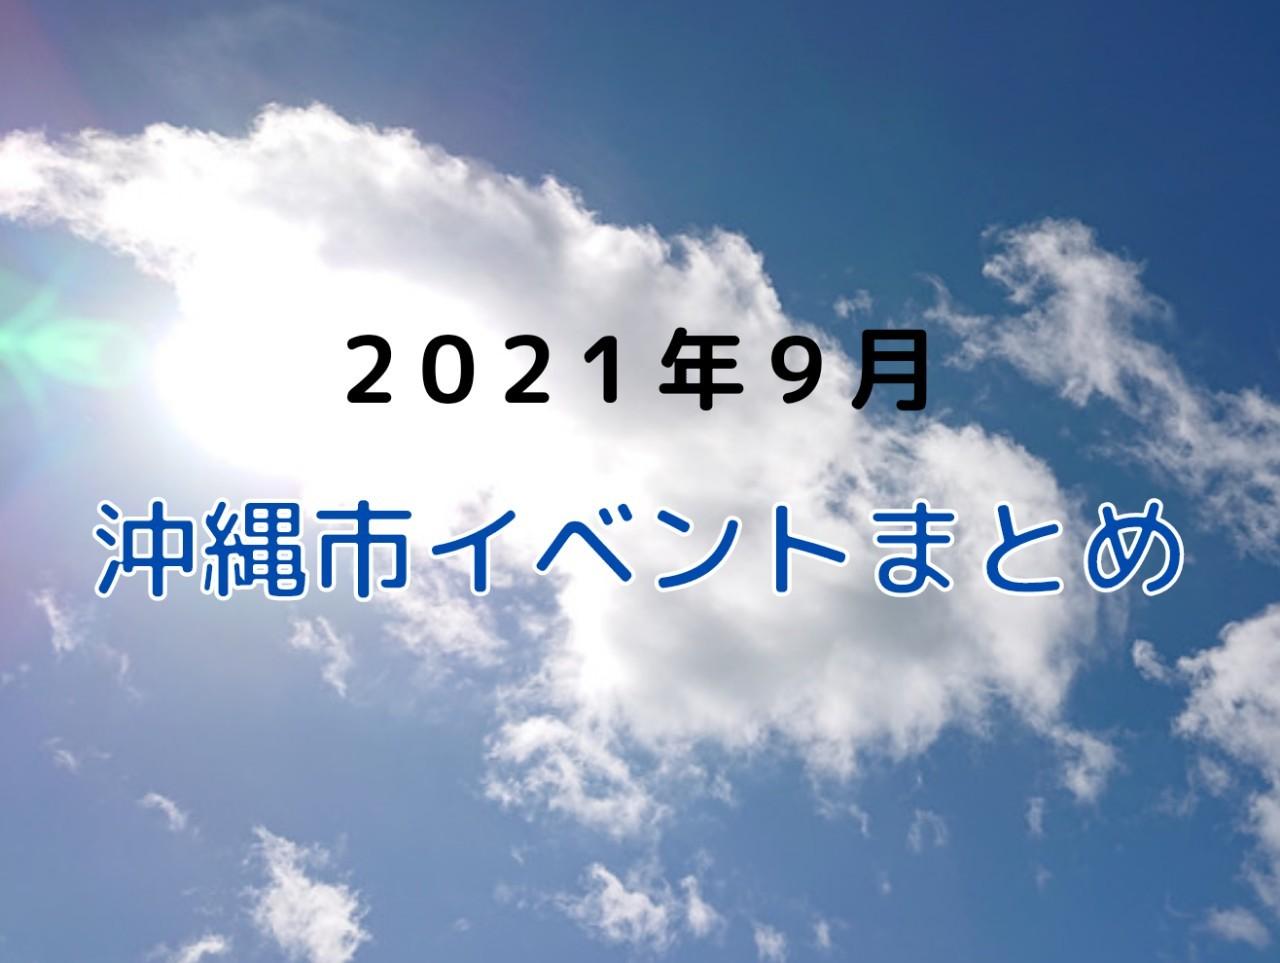 2021年9月沖縄市イベント